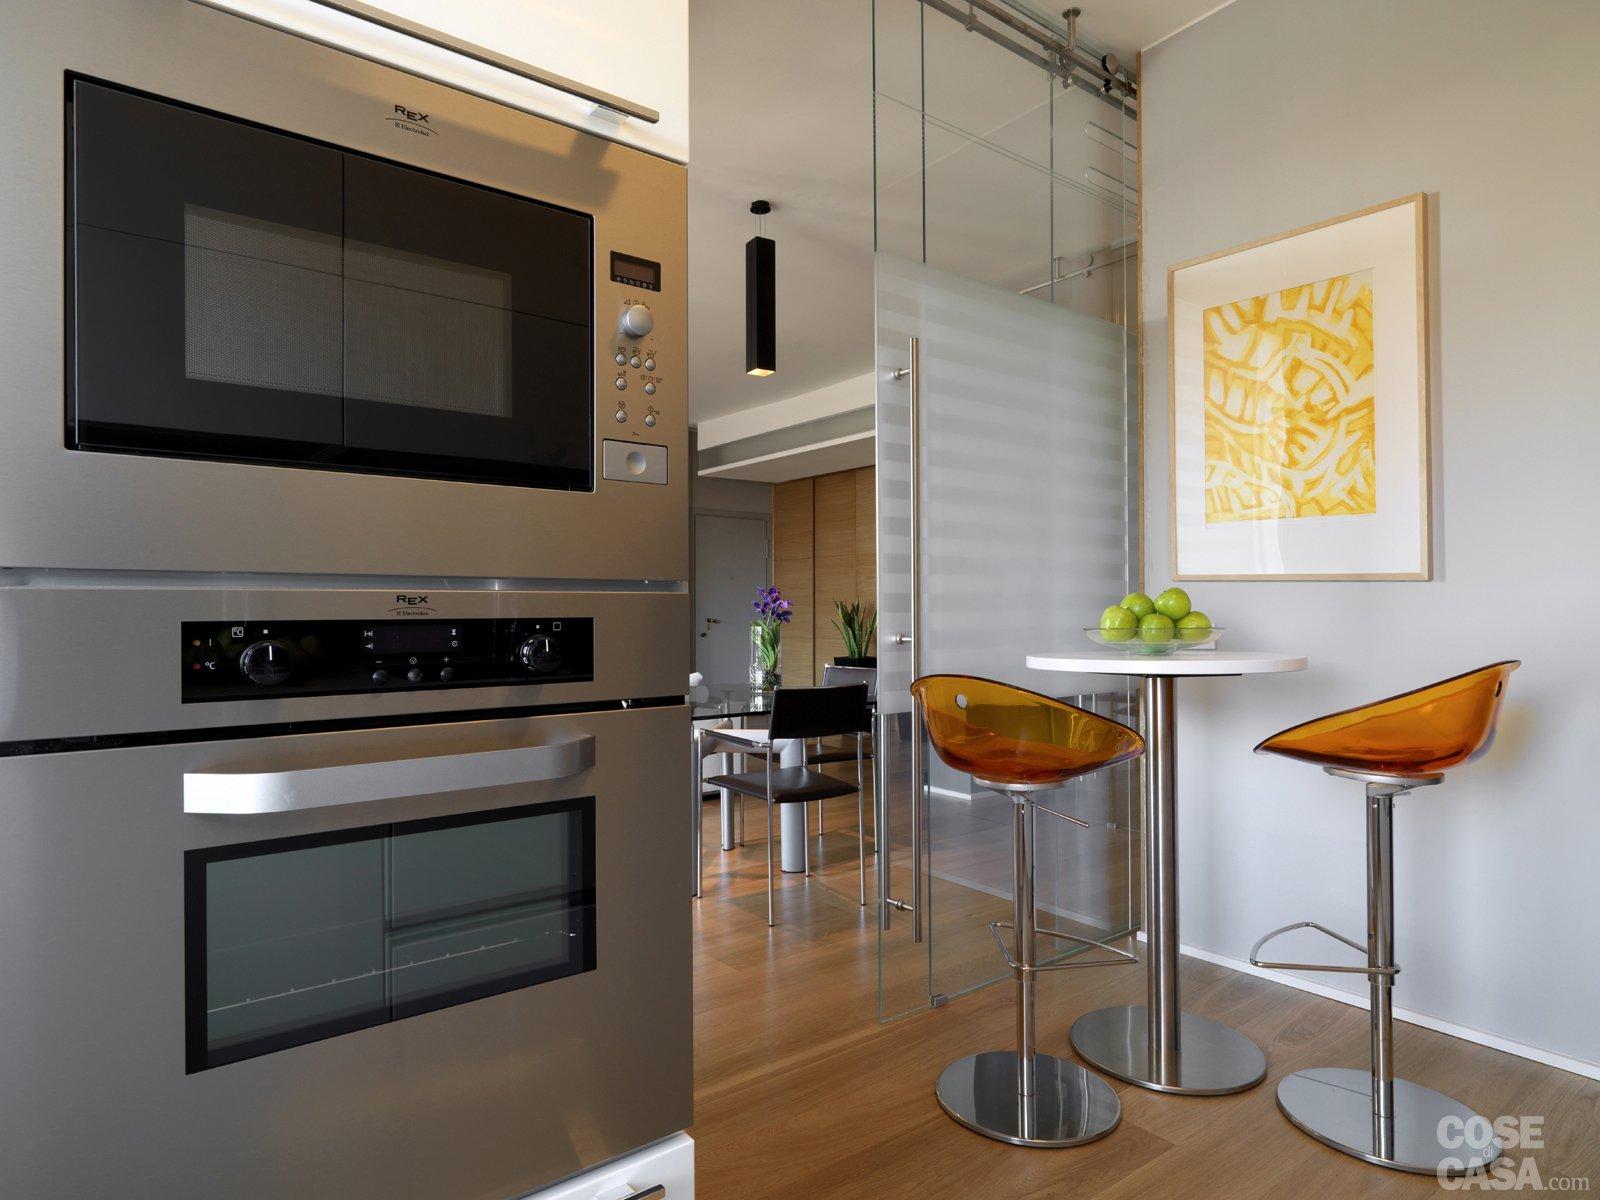 Mobile soggiorno ad angolo moderno : mobile soggiorno ad angolo ...